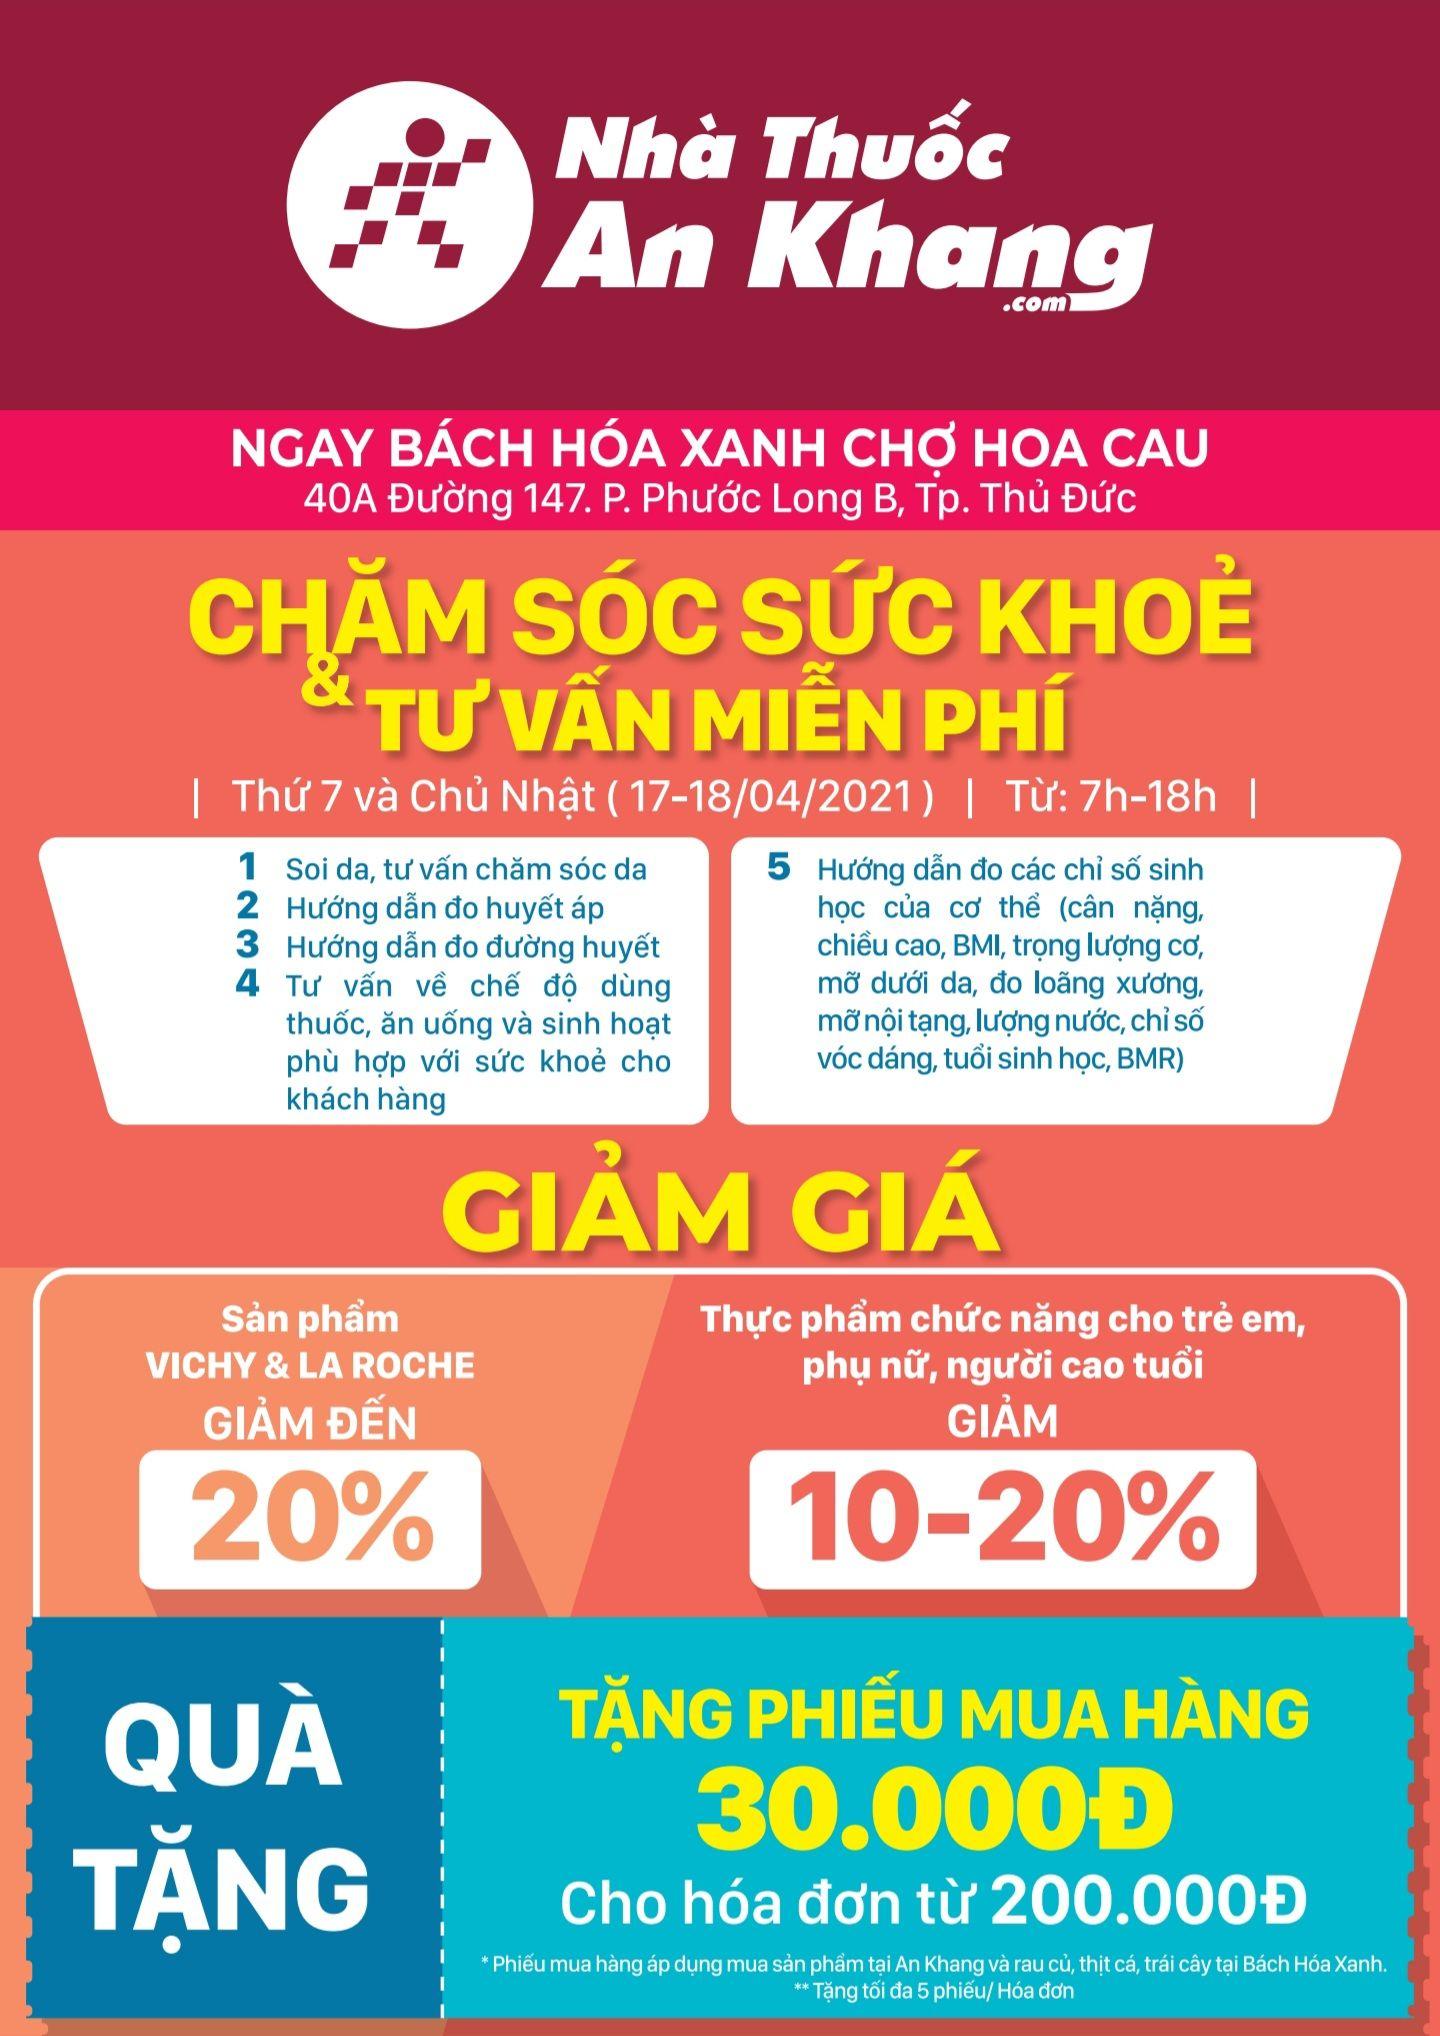 Nhà thuốc An Khang tổ chức chương trình chăm sóc sức khỏe và tư vấn miễn phí